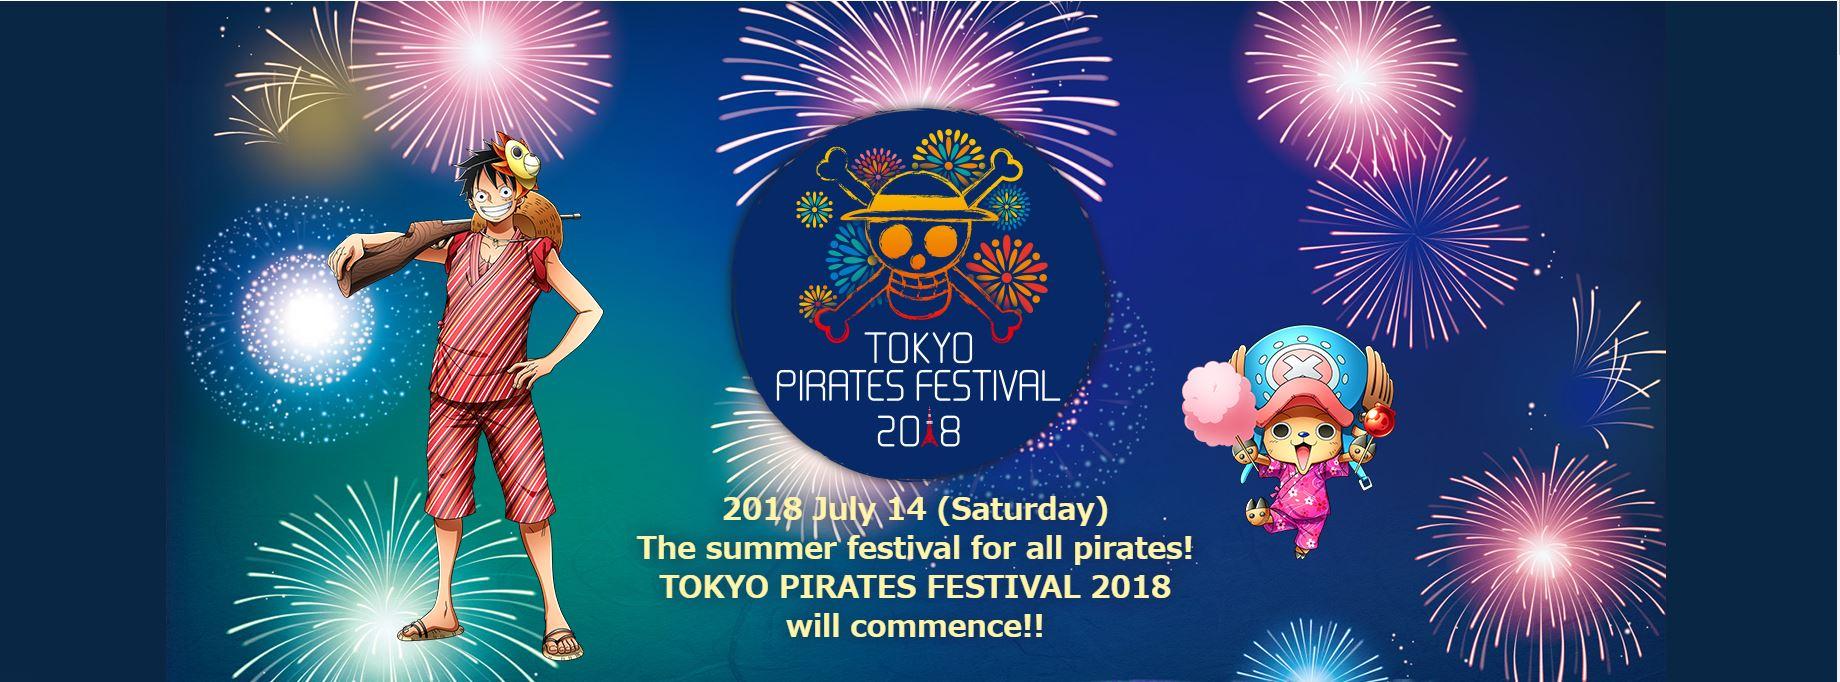 """มาฟินกับเทศกาลหน้าร้อนพร้อมเหล่าลูฟี่และเพื่อนพ้องในงาน """"TOKYO PIRATES FESTIVAL 2018"""""""